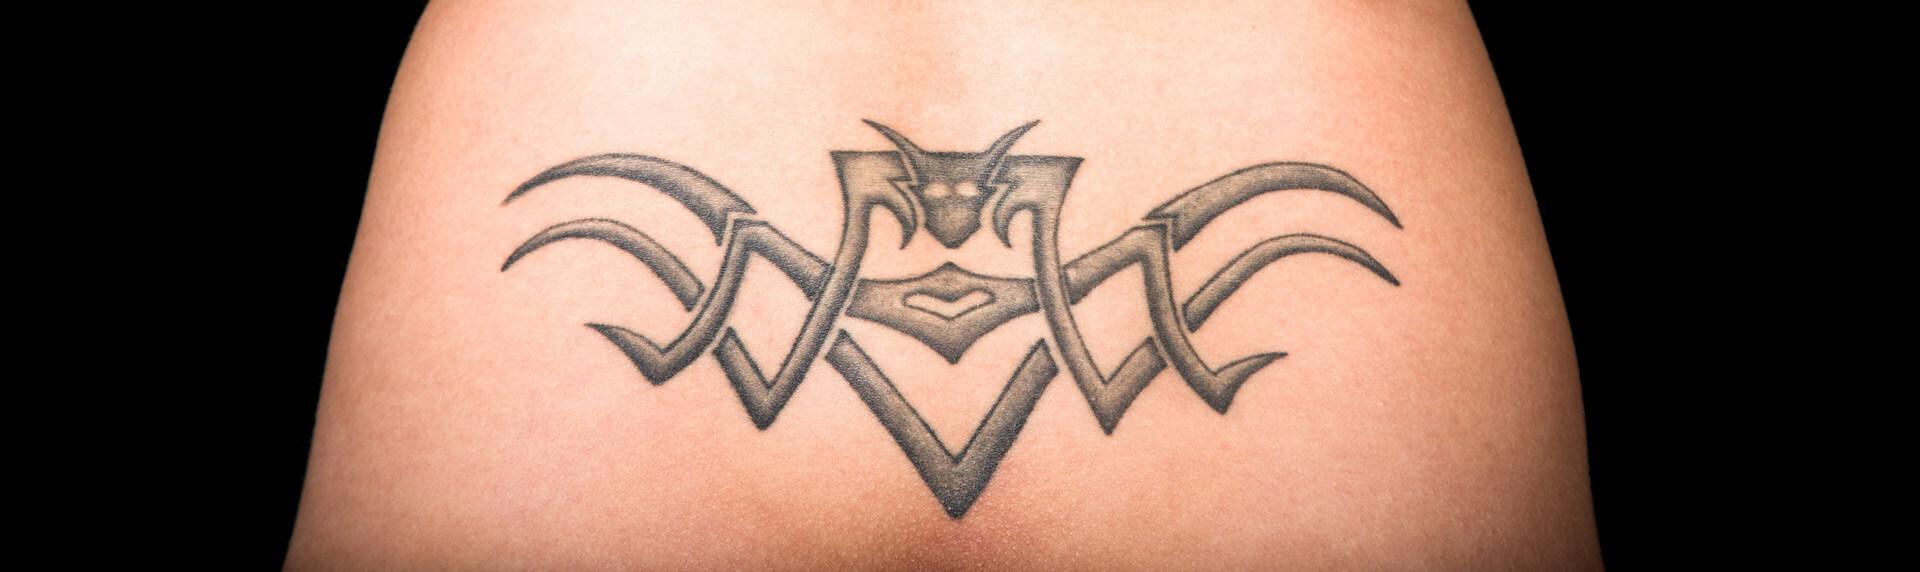 Tattooentfernung Berlin Aesthmedic